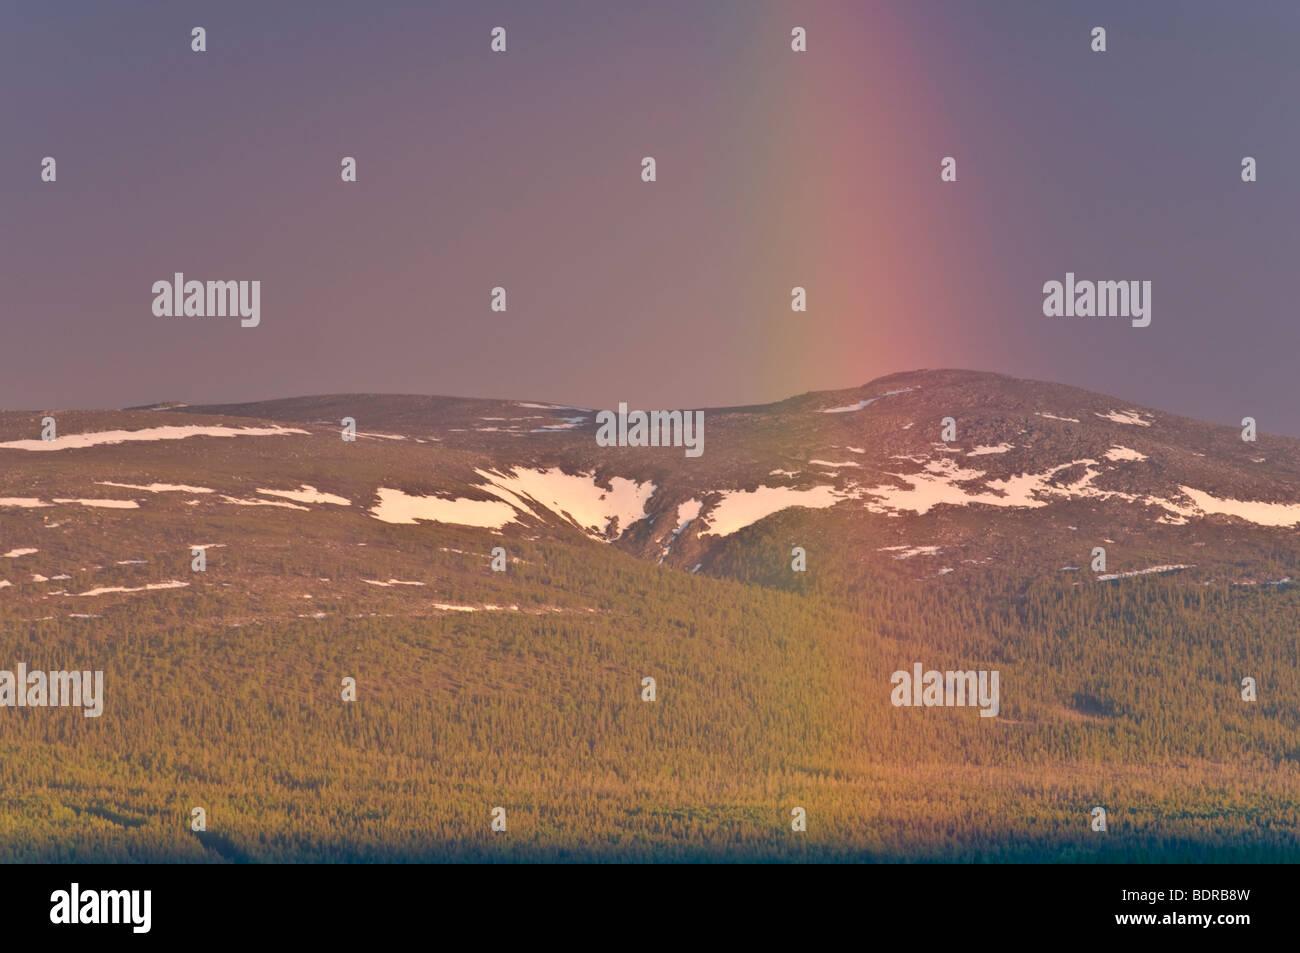 regenbogen ueber landschaft in gaellivare, lappland, schweden, rainbow at landscape in lapland, sweden Stock Photo